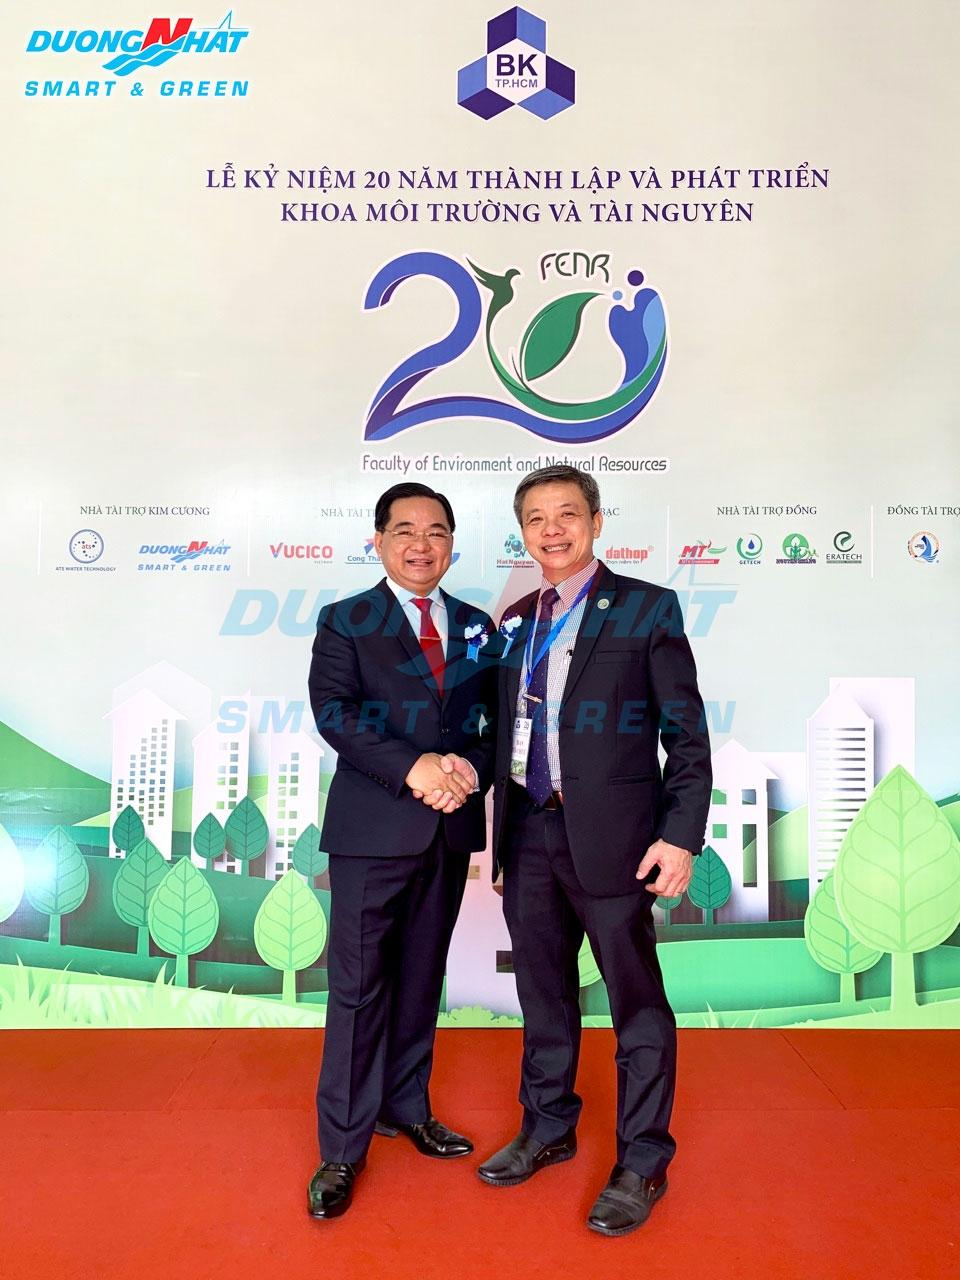 20 năm khoa môi trường và tài nguyên